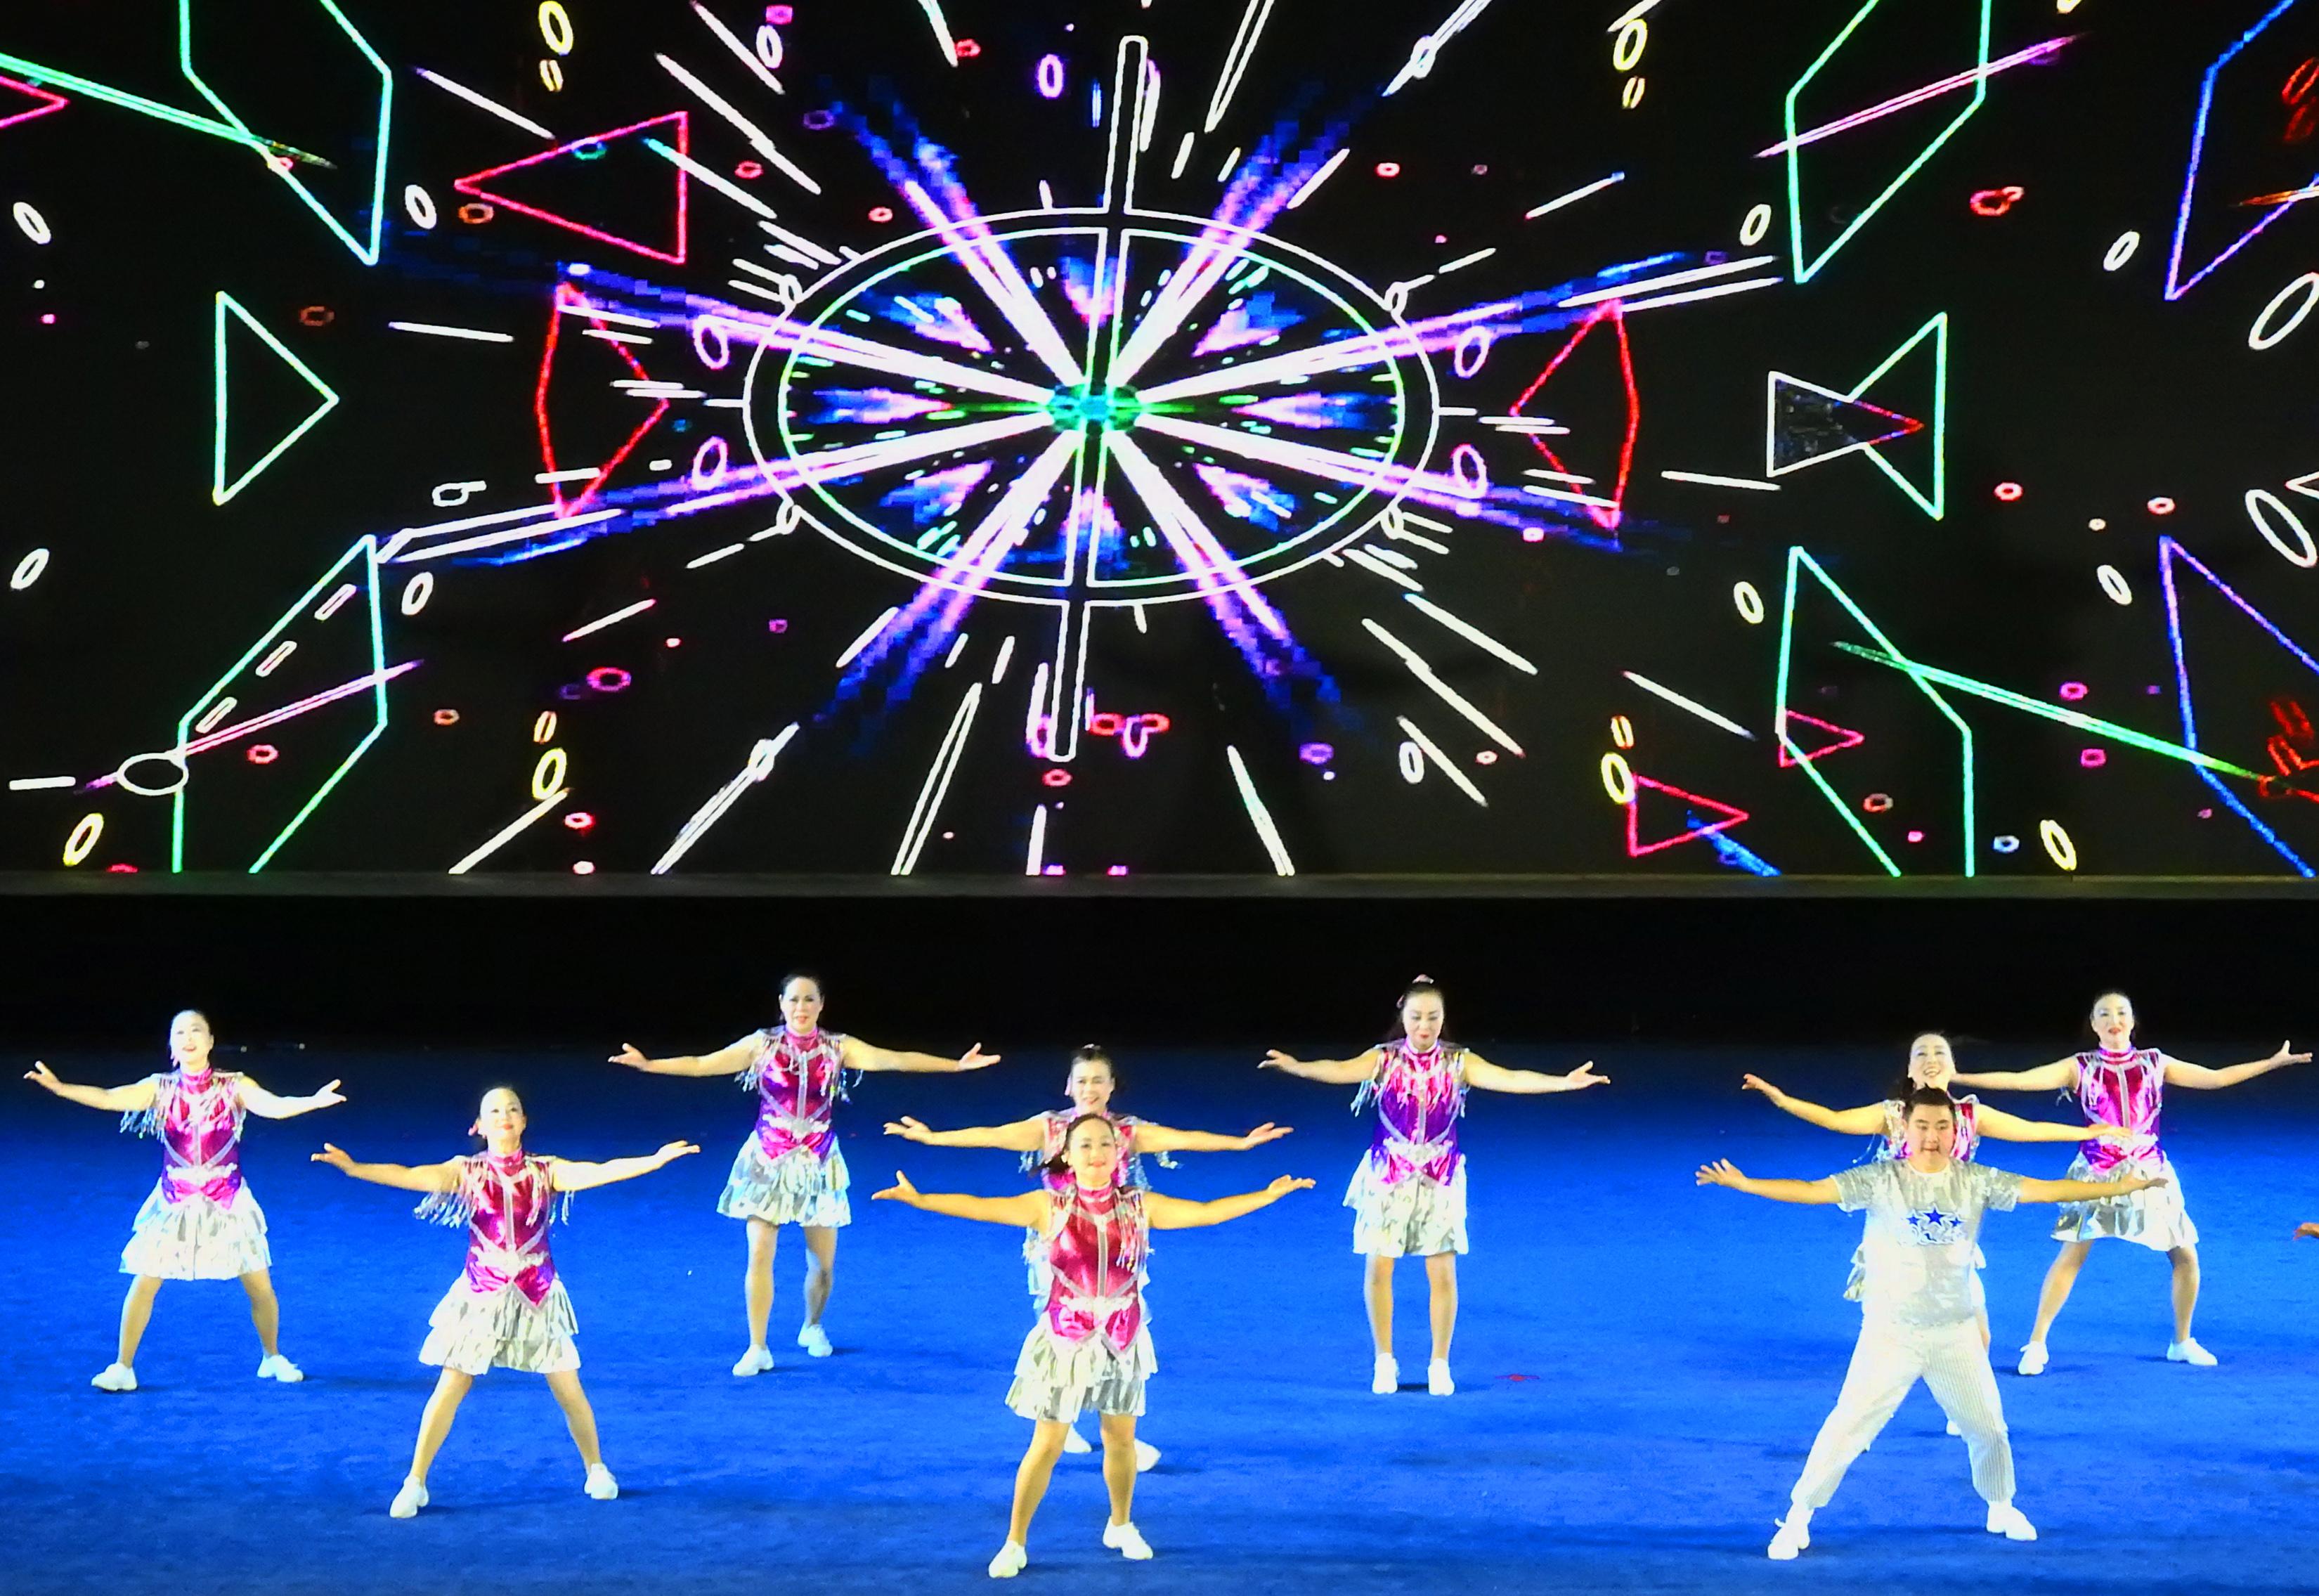 连云港广场舞代表队包揽中国广场舞大赛冠亚军